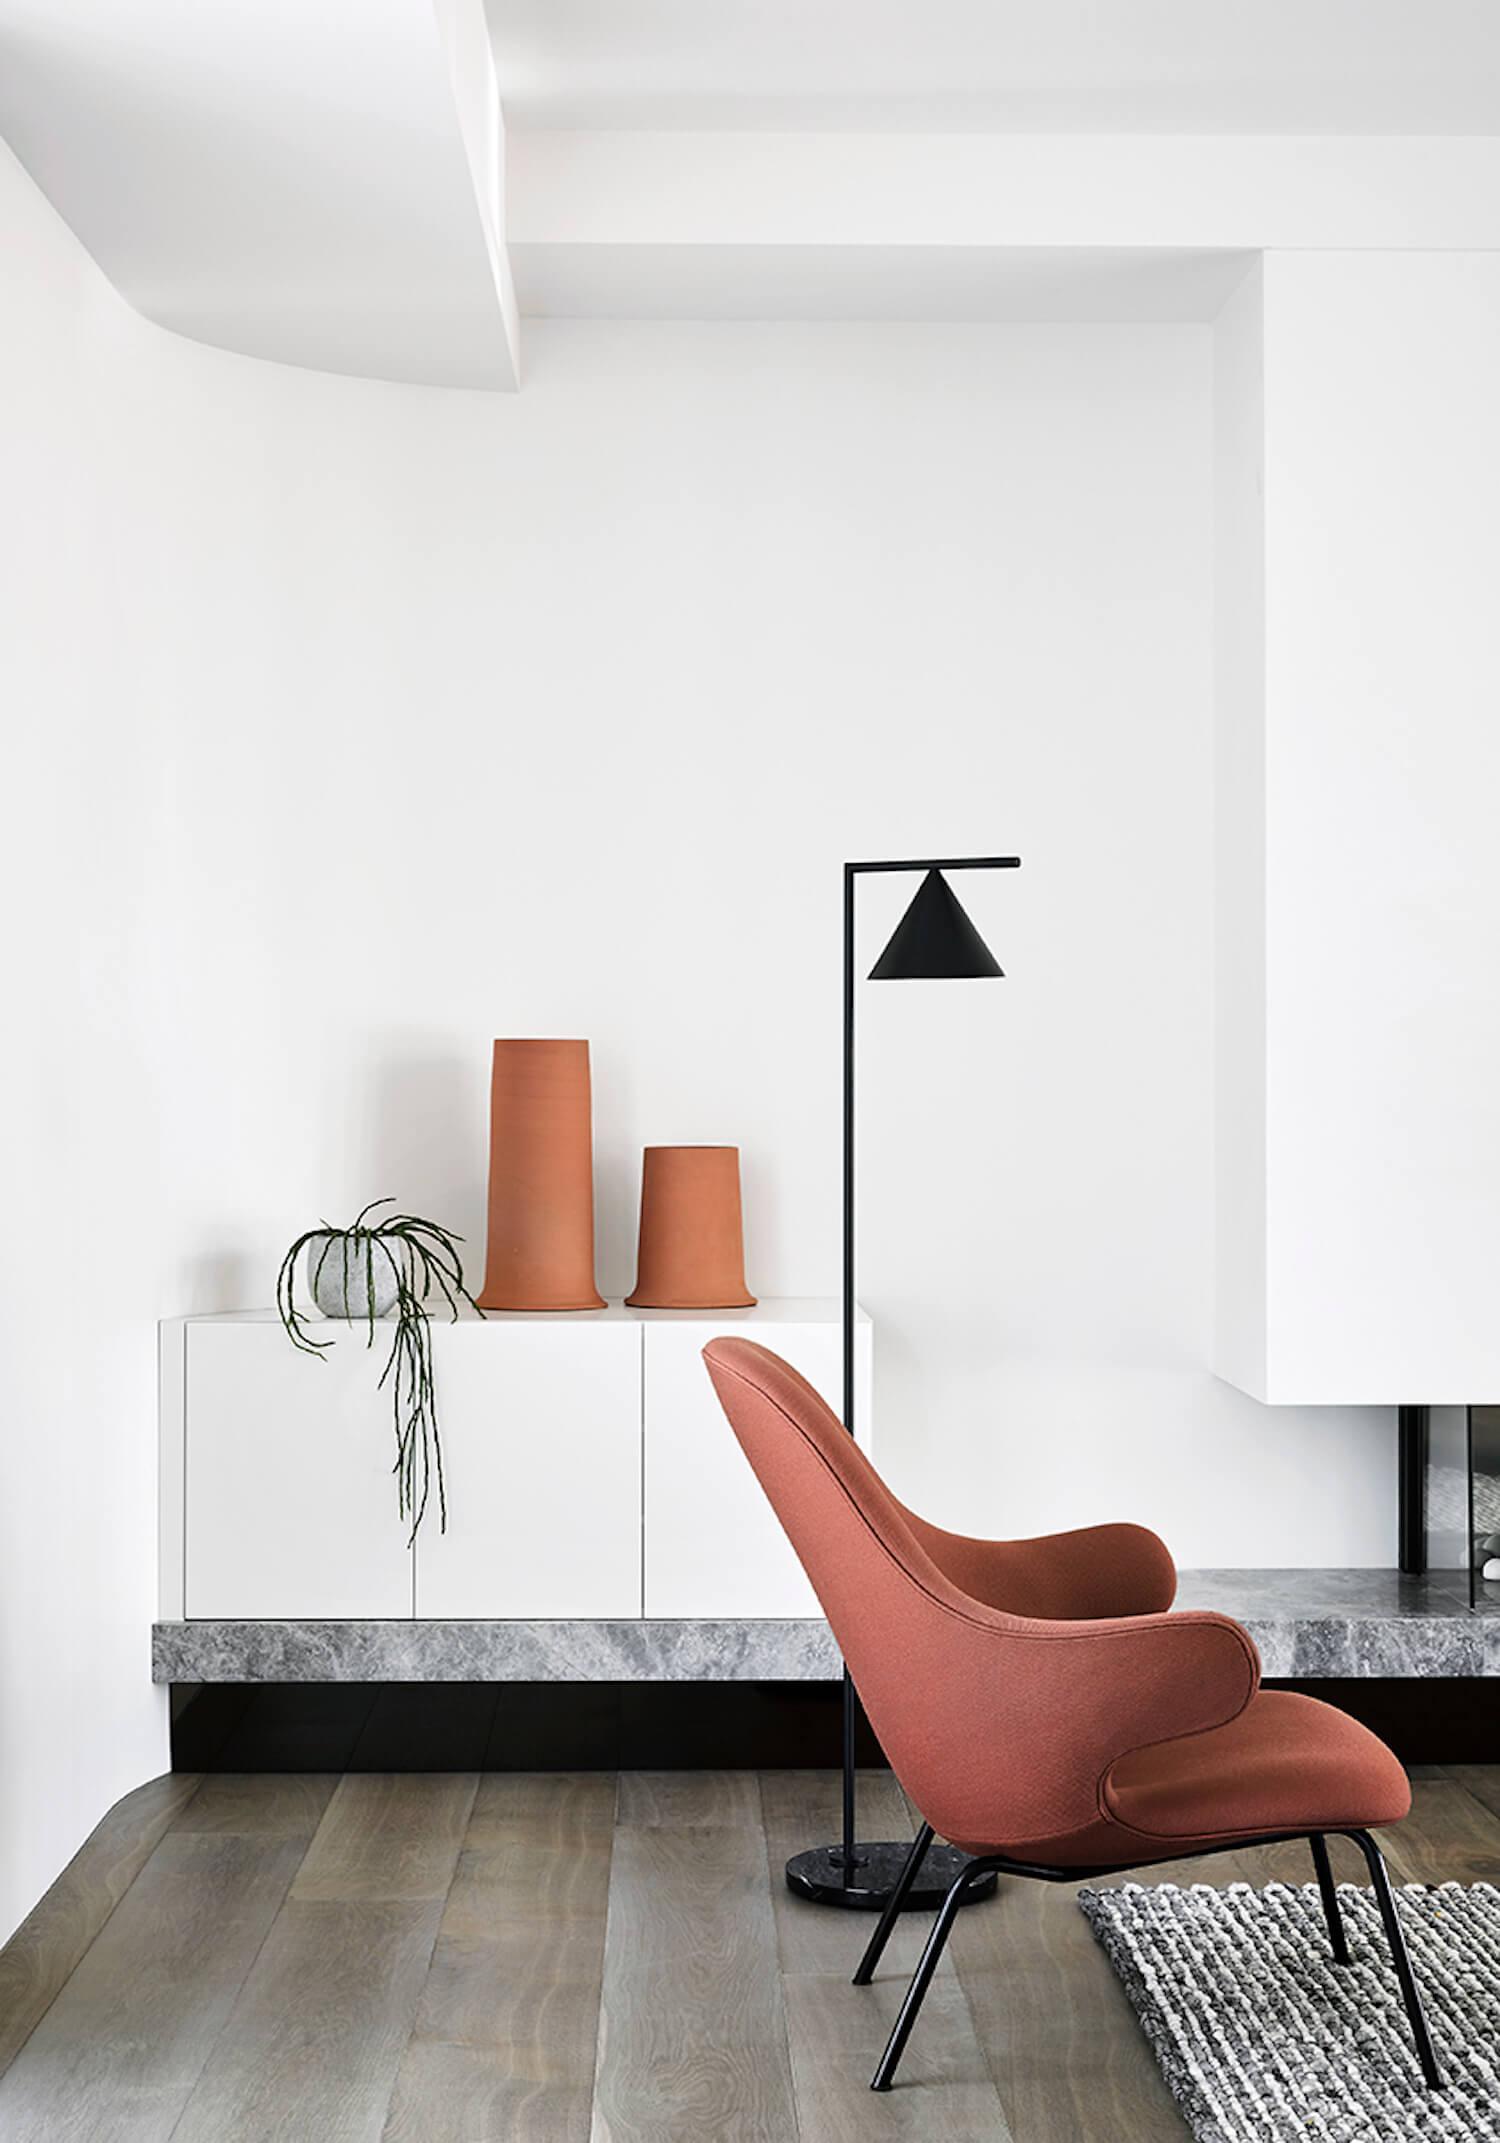 est living brighton townhouse sisalla interior design 10